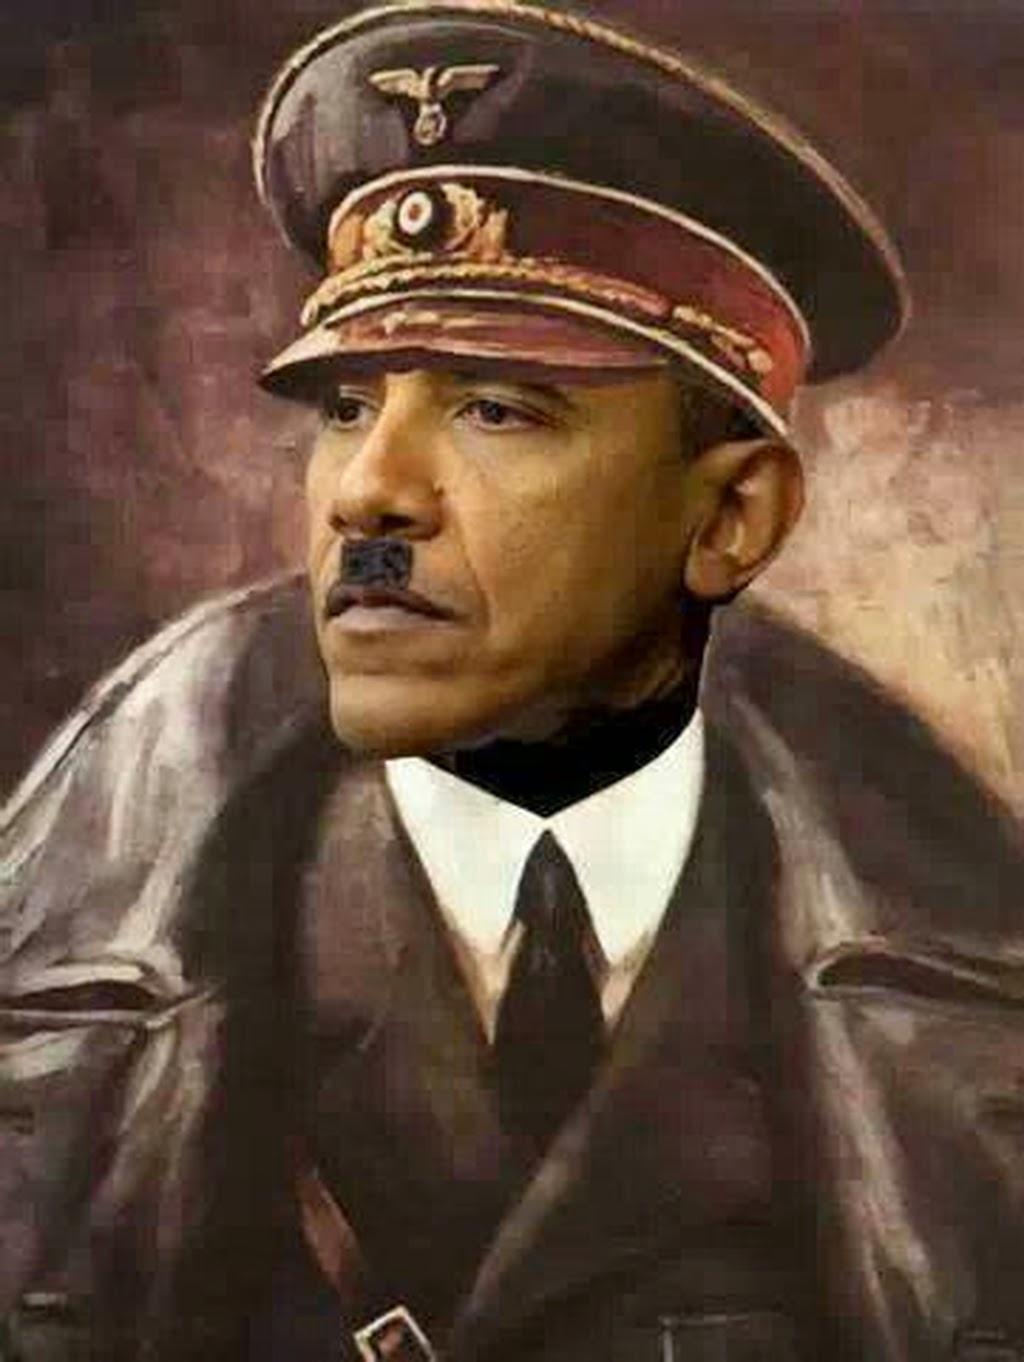 Fuhrer Obama